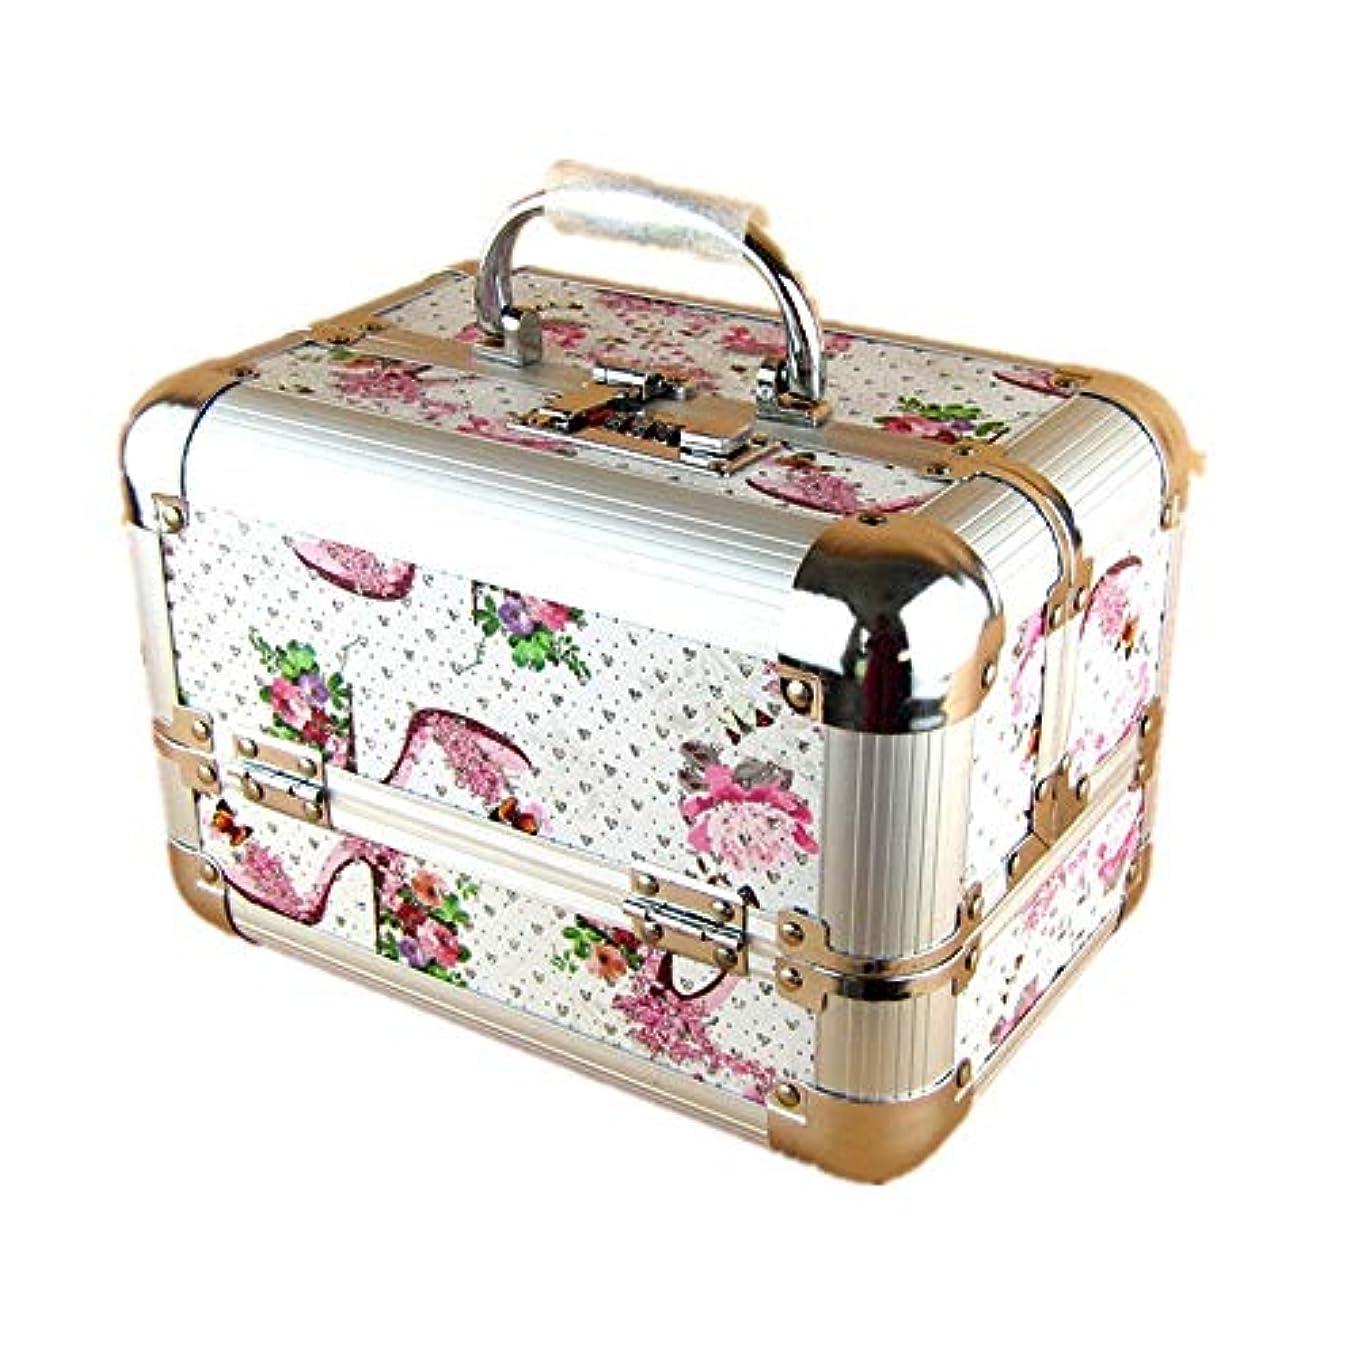 化粧オーガナイザーバッグ 美容メイクアップと女性の女性のためのポータブルメイクトレインケースロックと折り畳みトレイとアルミフレームと日常のストレージ 化粧品ケース